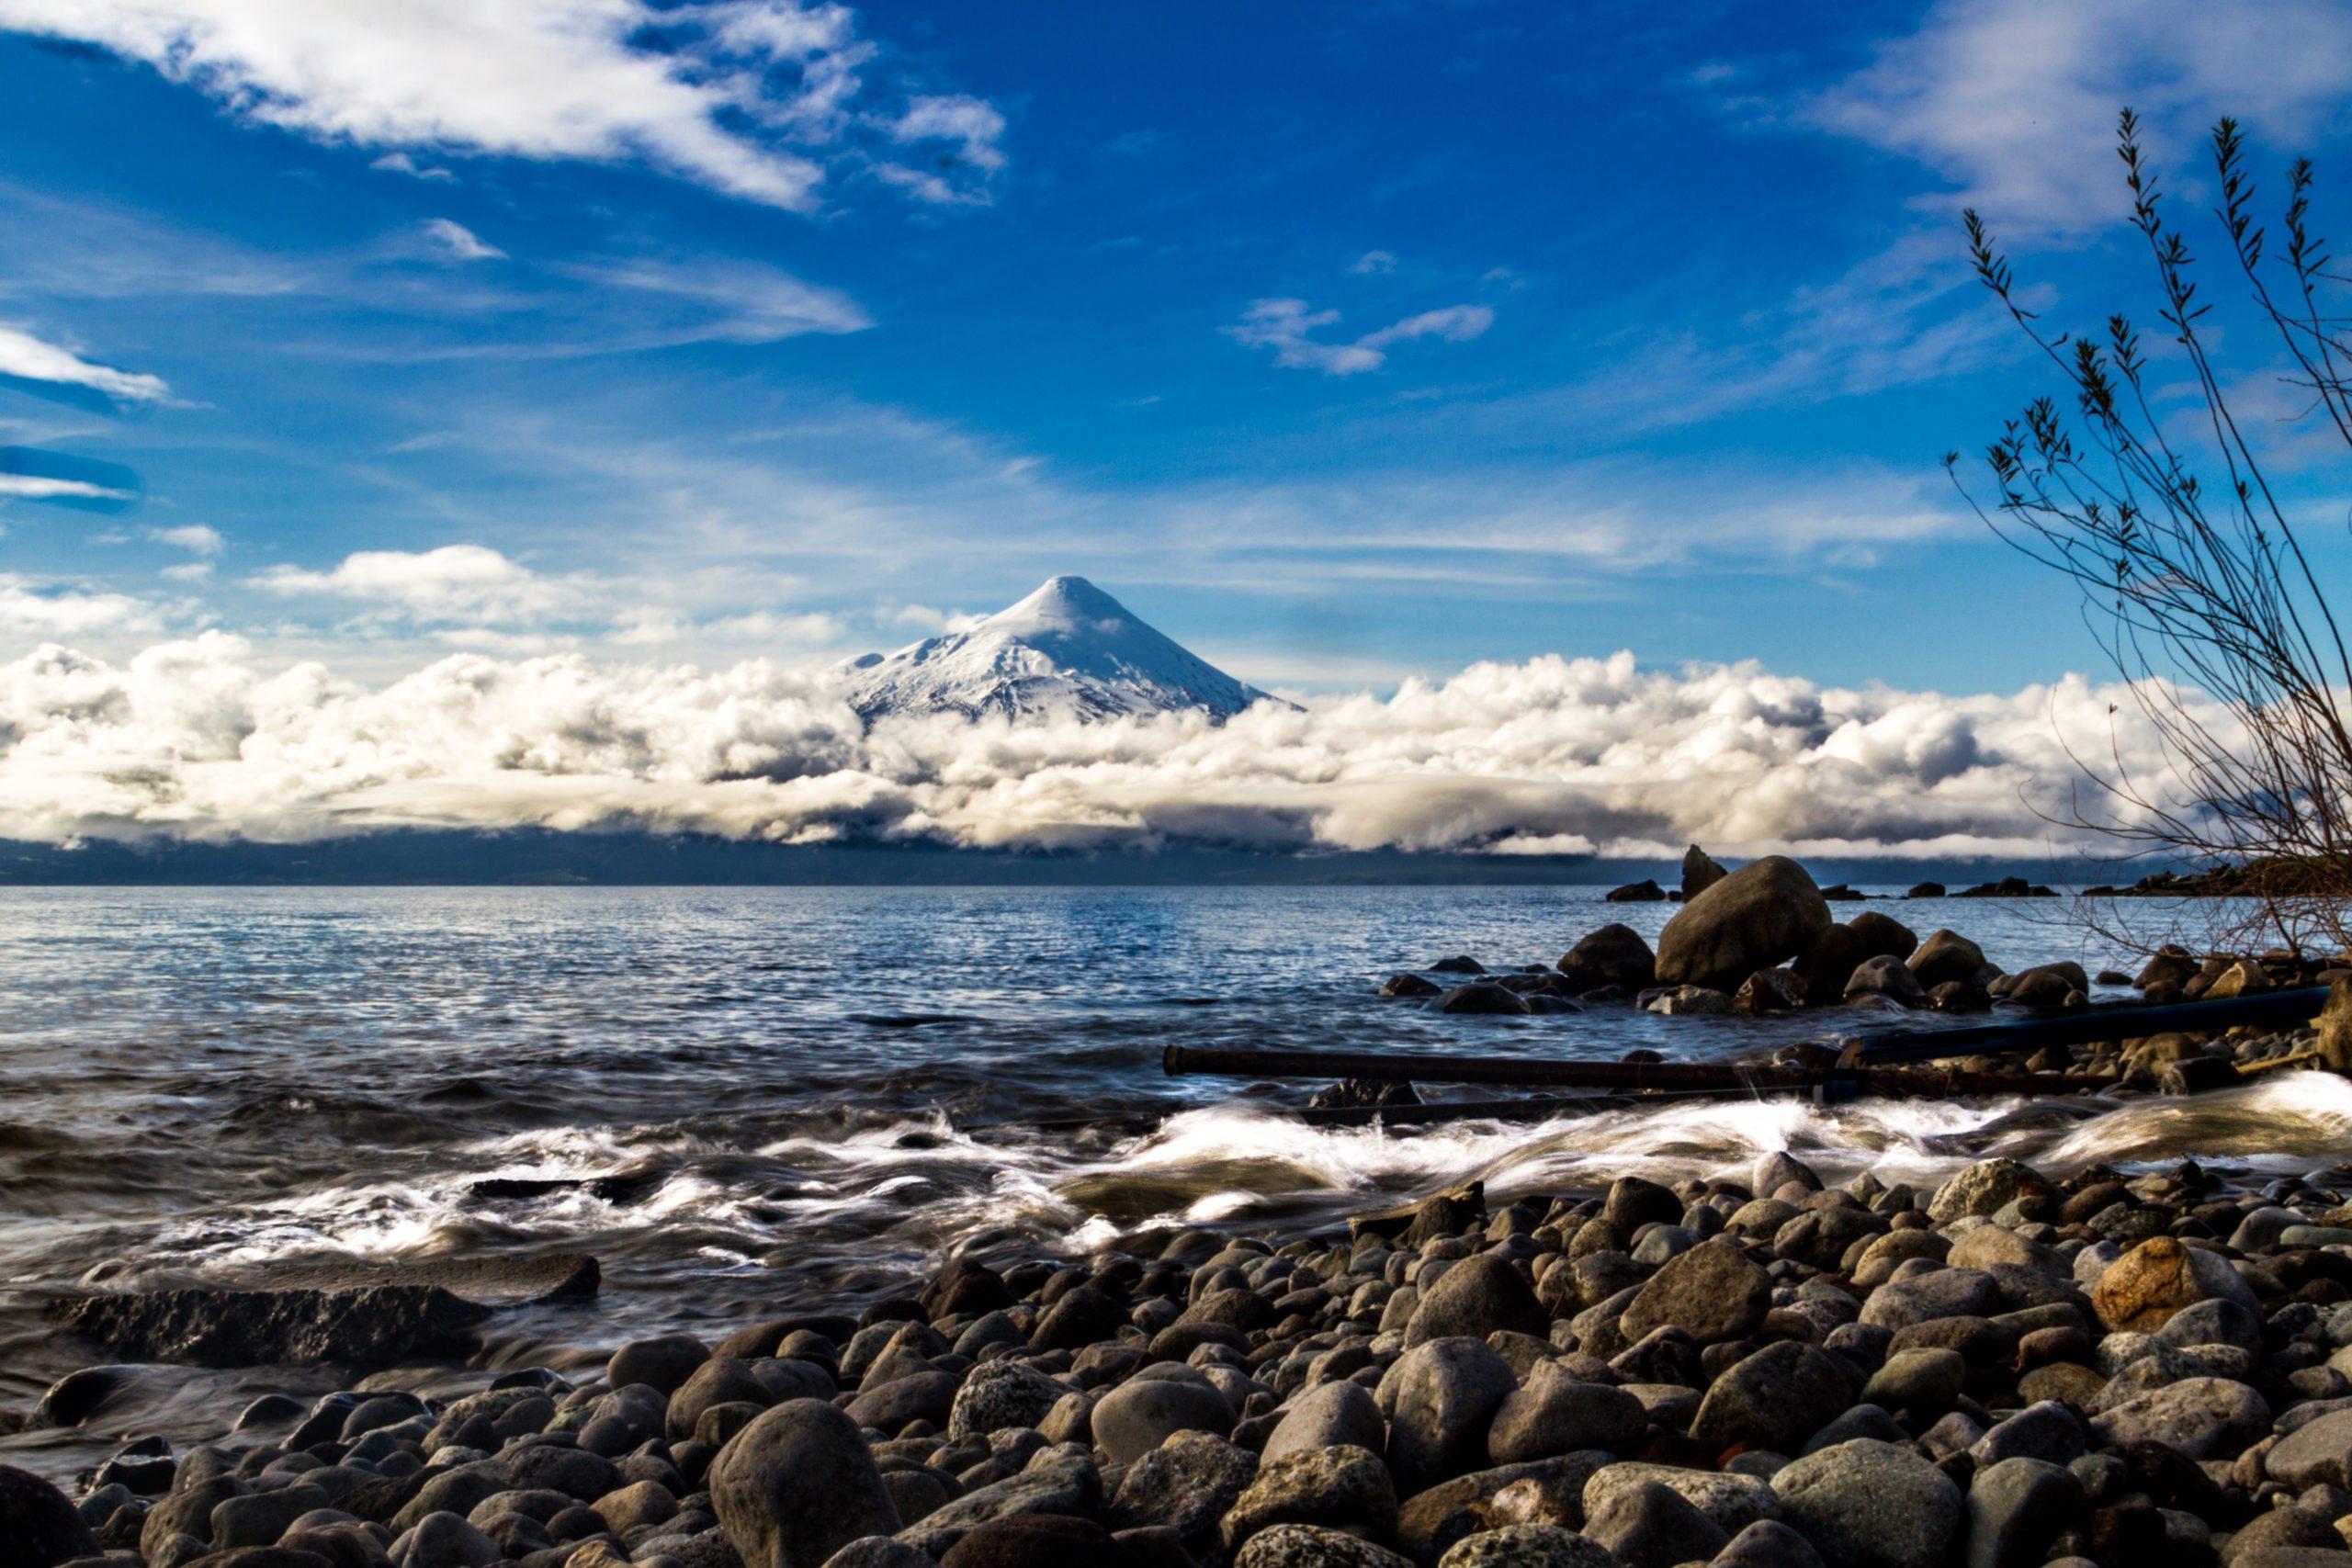 El volcán Osorno en la región de los lagos de Chile. | FOTO: Goodwyn Ferrell